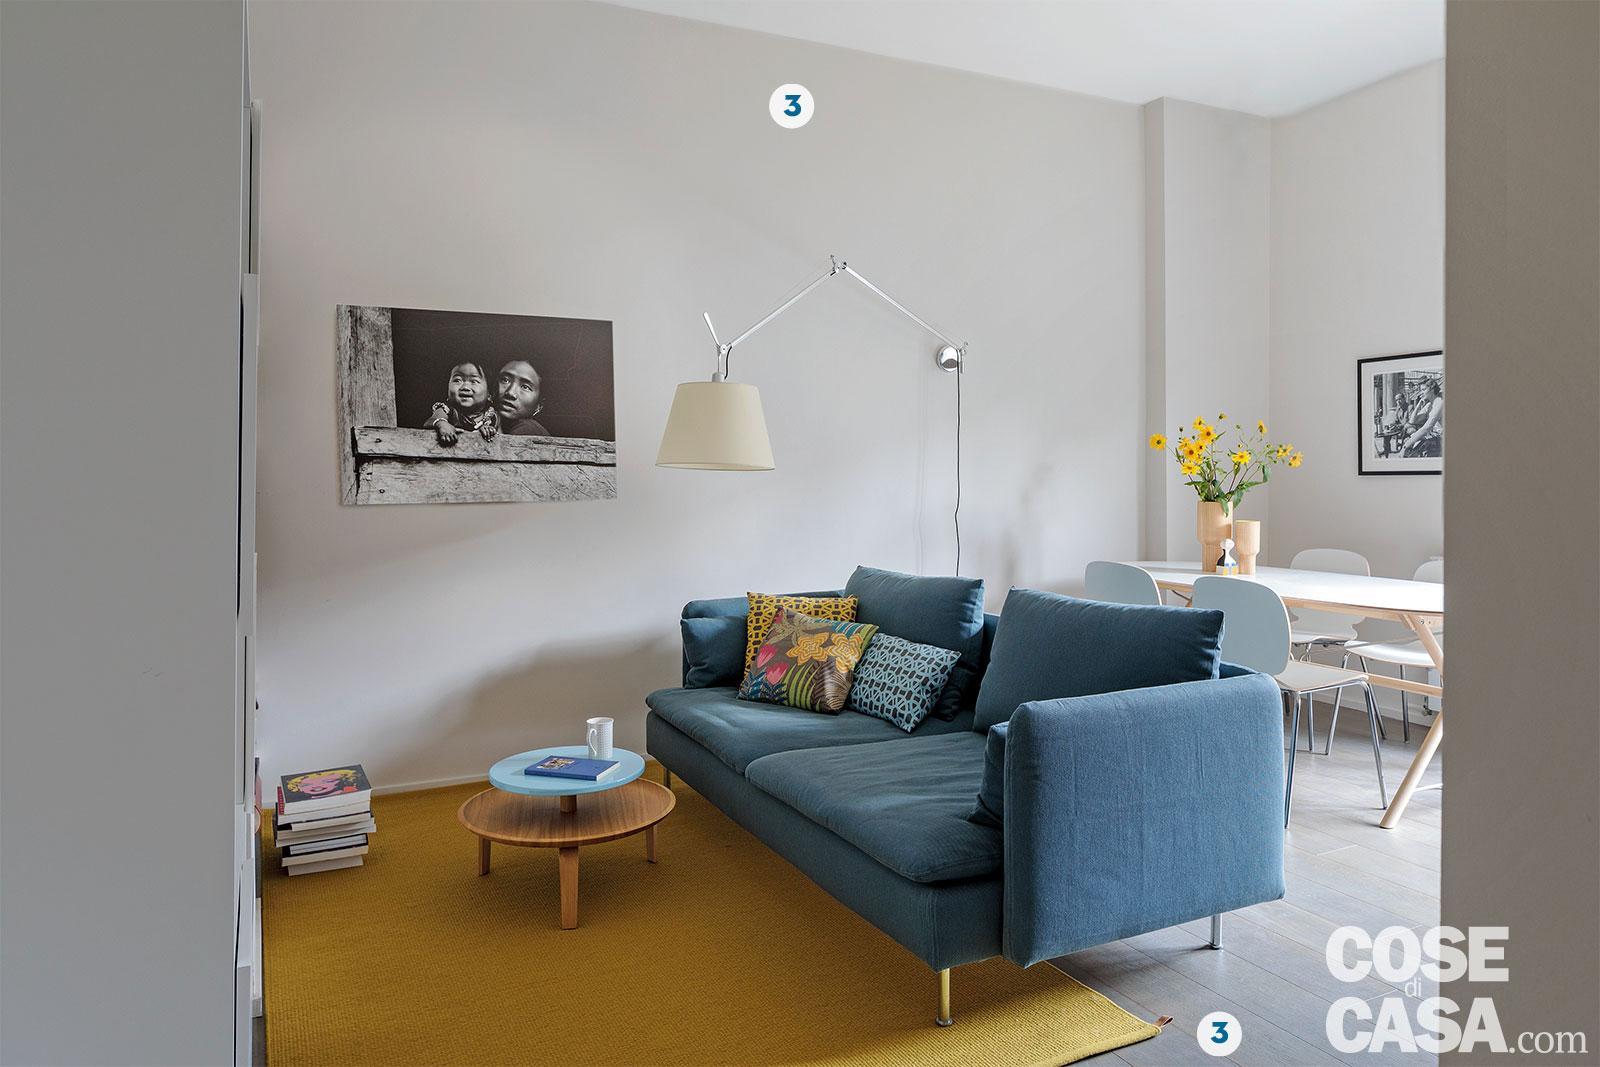 Progetto Soggiorno 20 Mq bilocale di 48 mq con bagno e cucina ampliati - cose di casa